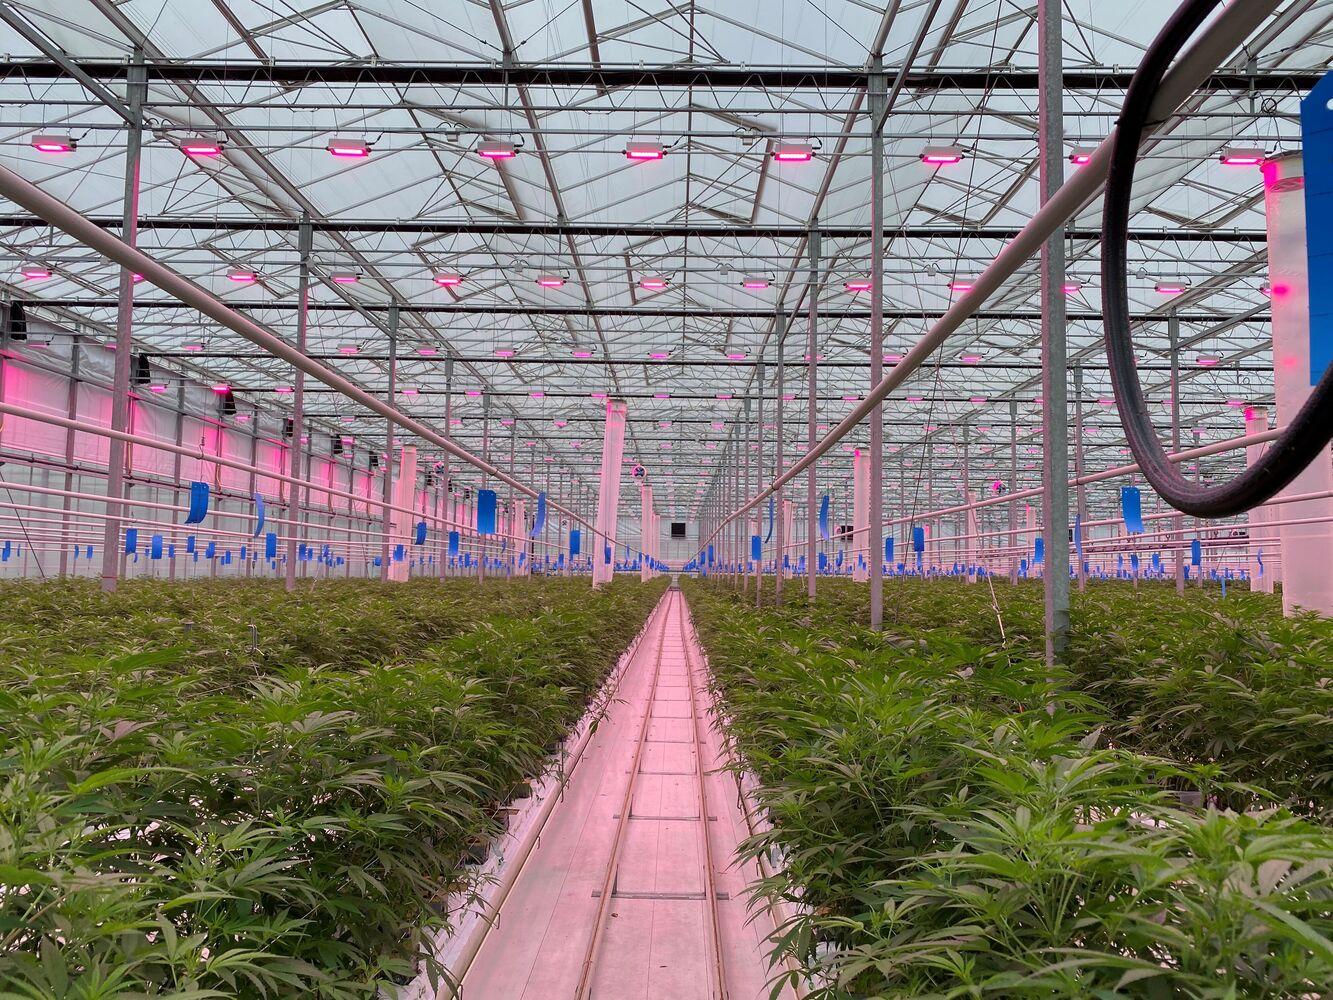 PERSBERICHT: Tuinbouw-multinationals en wetenschap delen cannabis-kennis in Legal Cannabis Coalition